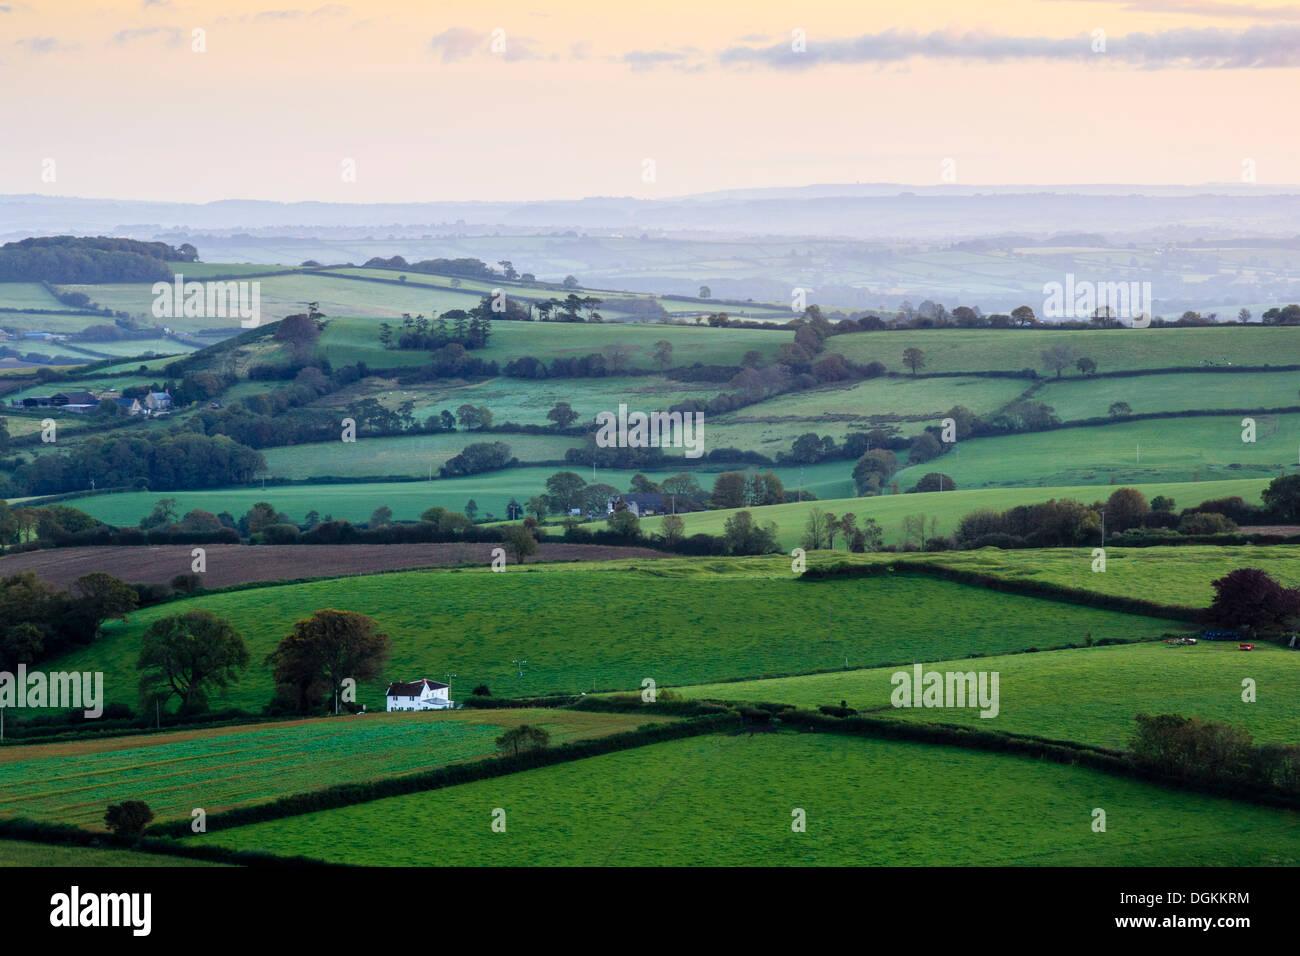 La mattina presto viste attraverso il West Dorset da Pilson Pen hill fort che è il punto più alto nel Dorset. Immagini Stock